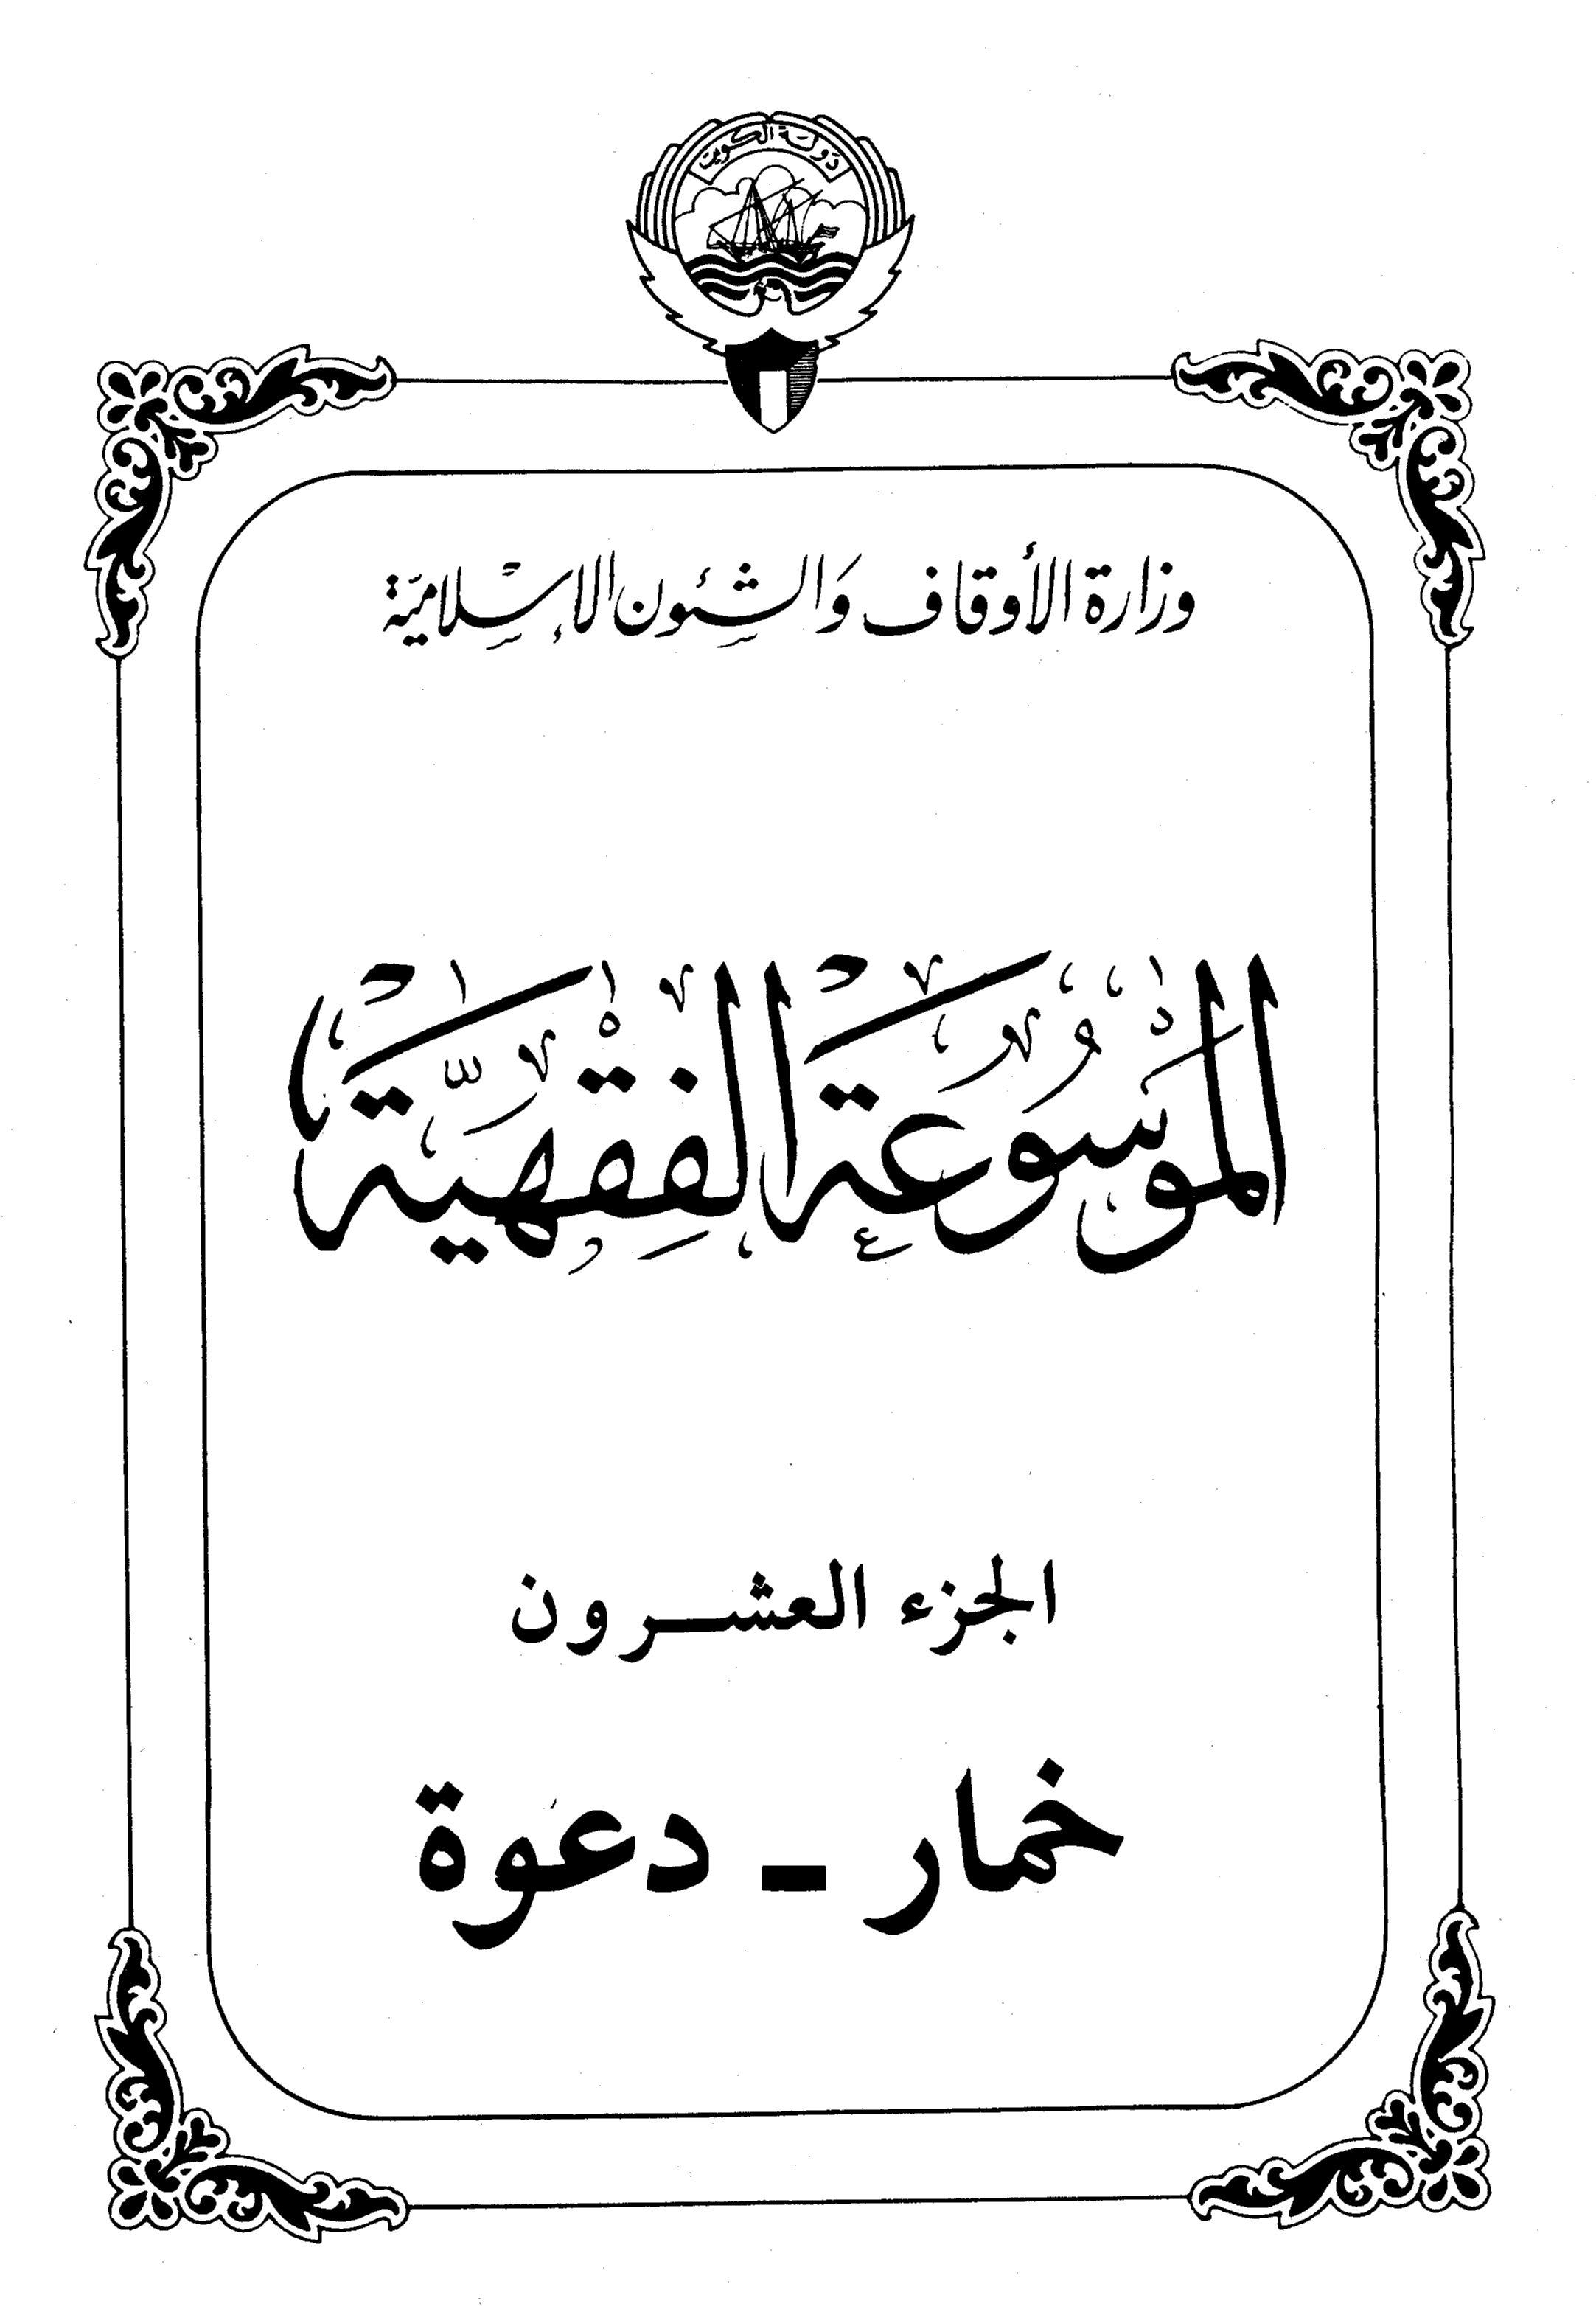 الموسوعة الفقهية الكويتية الجزء العشرون (خمار - دعوة)